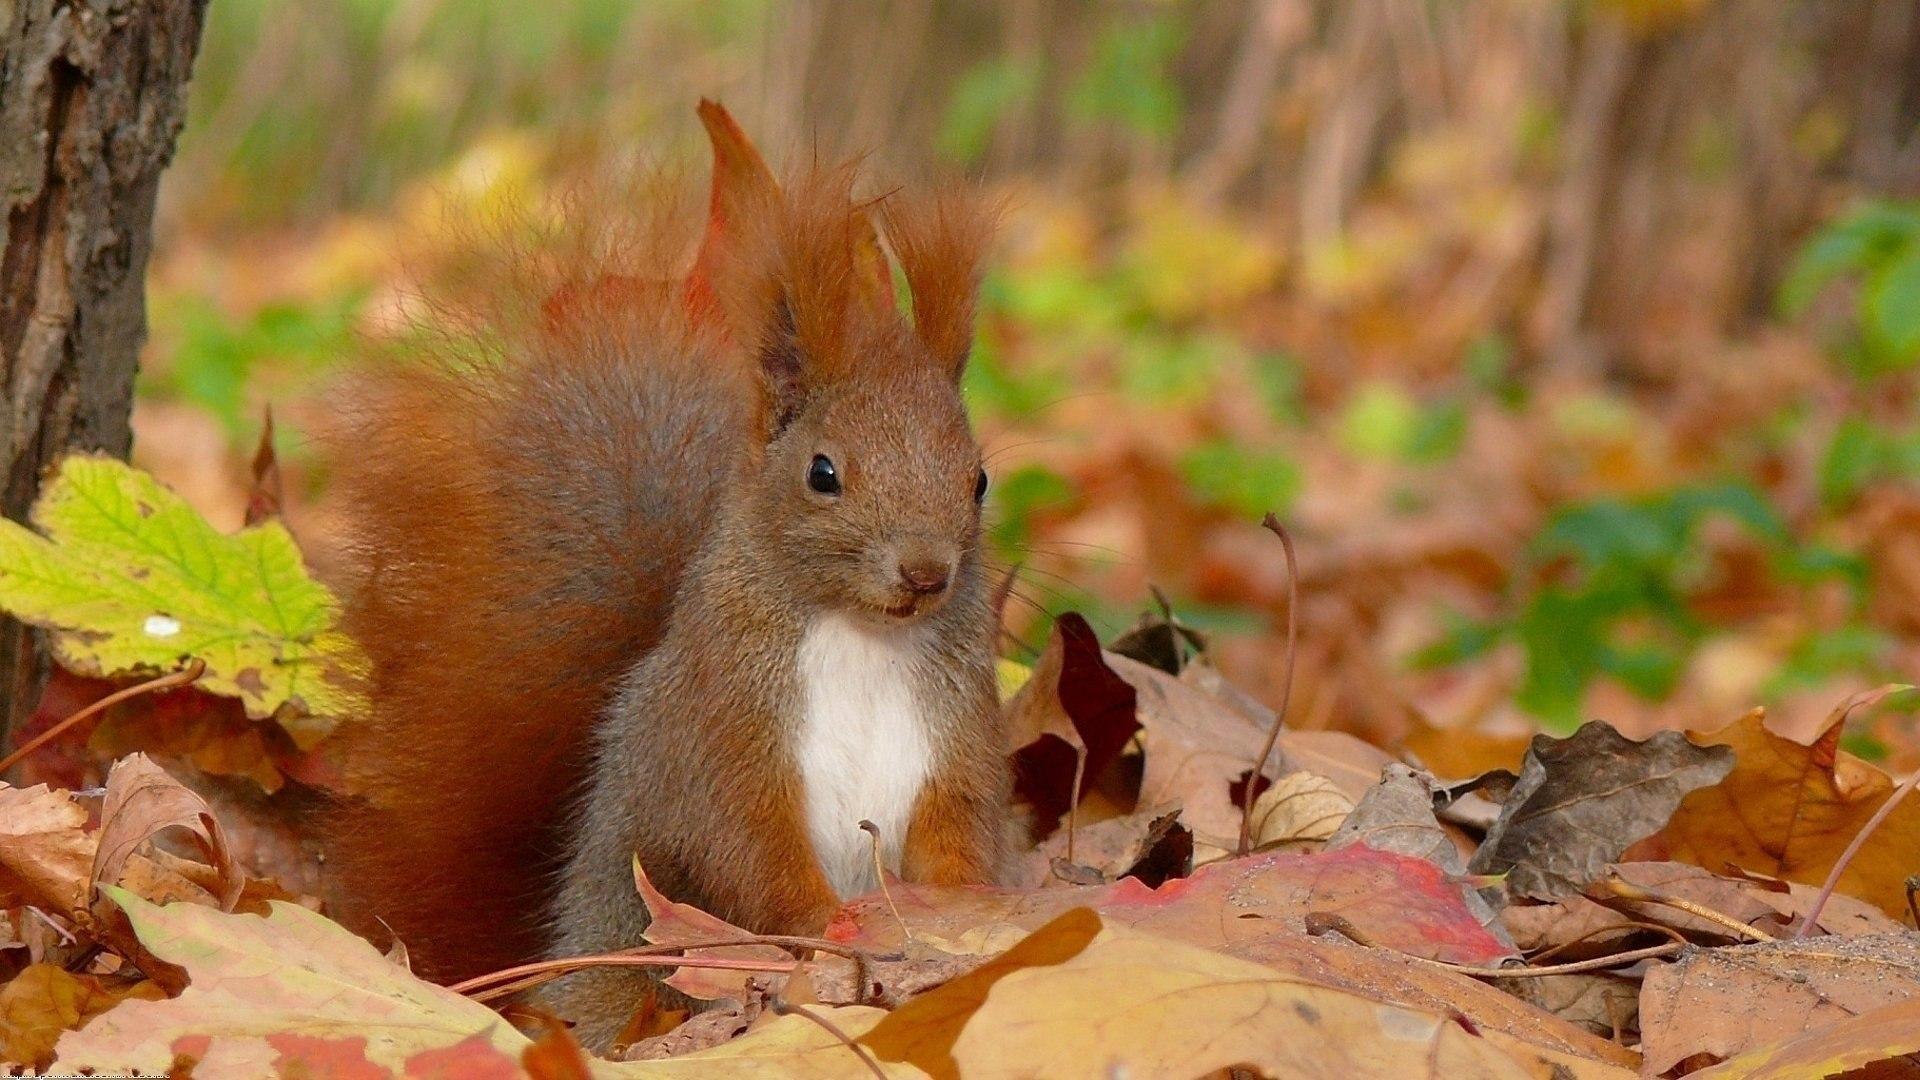 Осень, веселье, треш, угар, печаль, беда, сопли, гайморит, температура, радость.